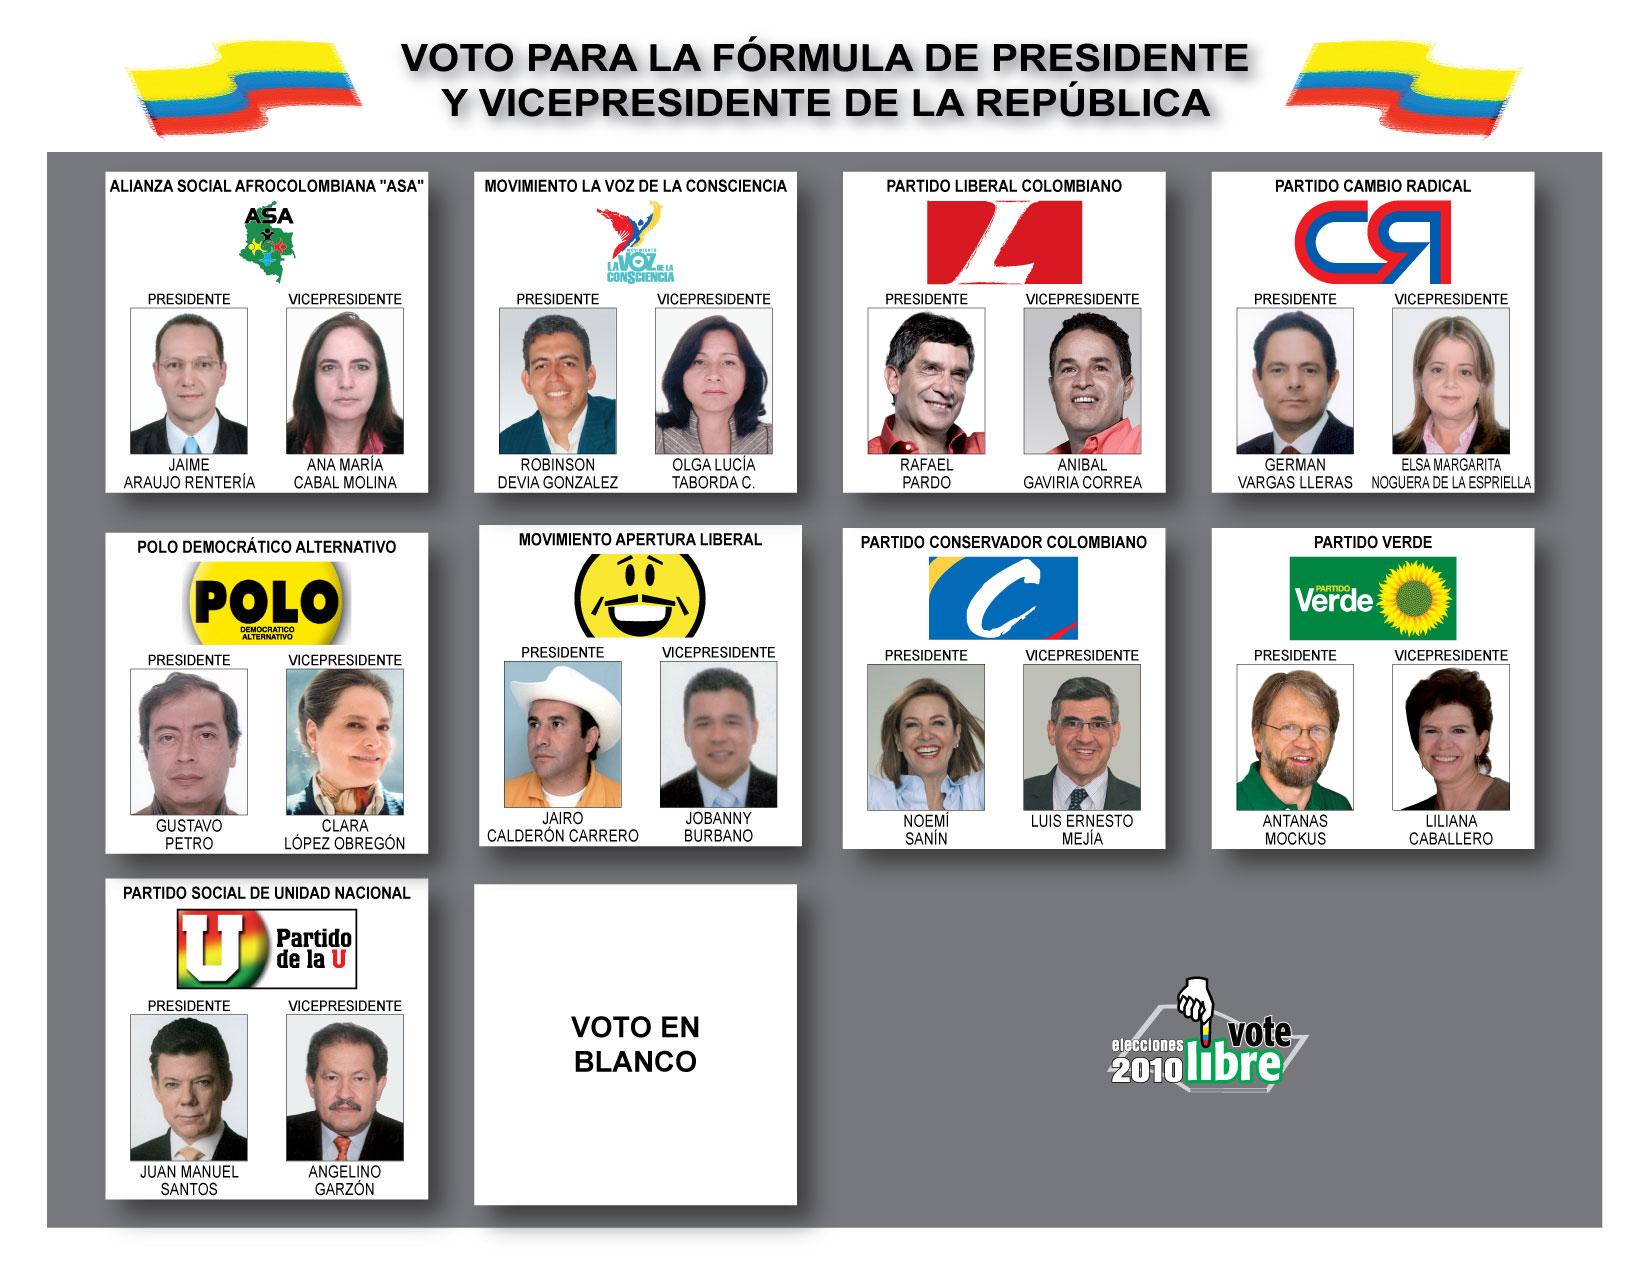 Tarjetón para elecciones presidenciales en Colombia 2010. El 30 de mayo, 29.997.574 colombianos elegirán al próximo presidente de la República.